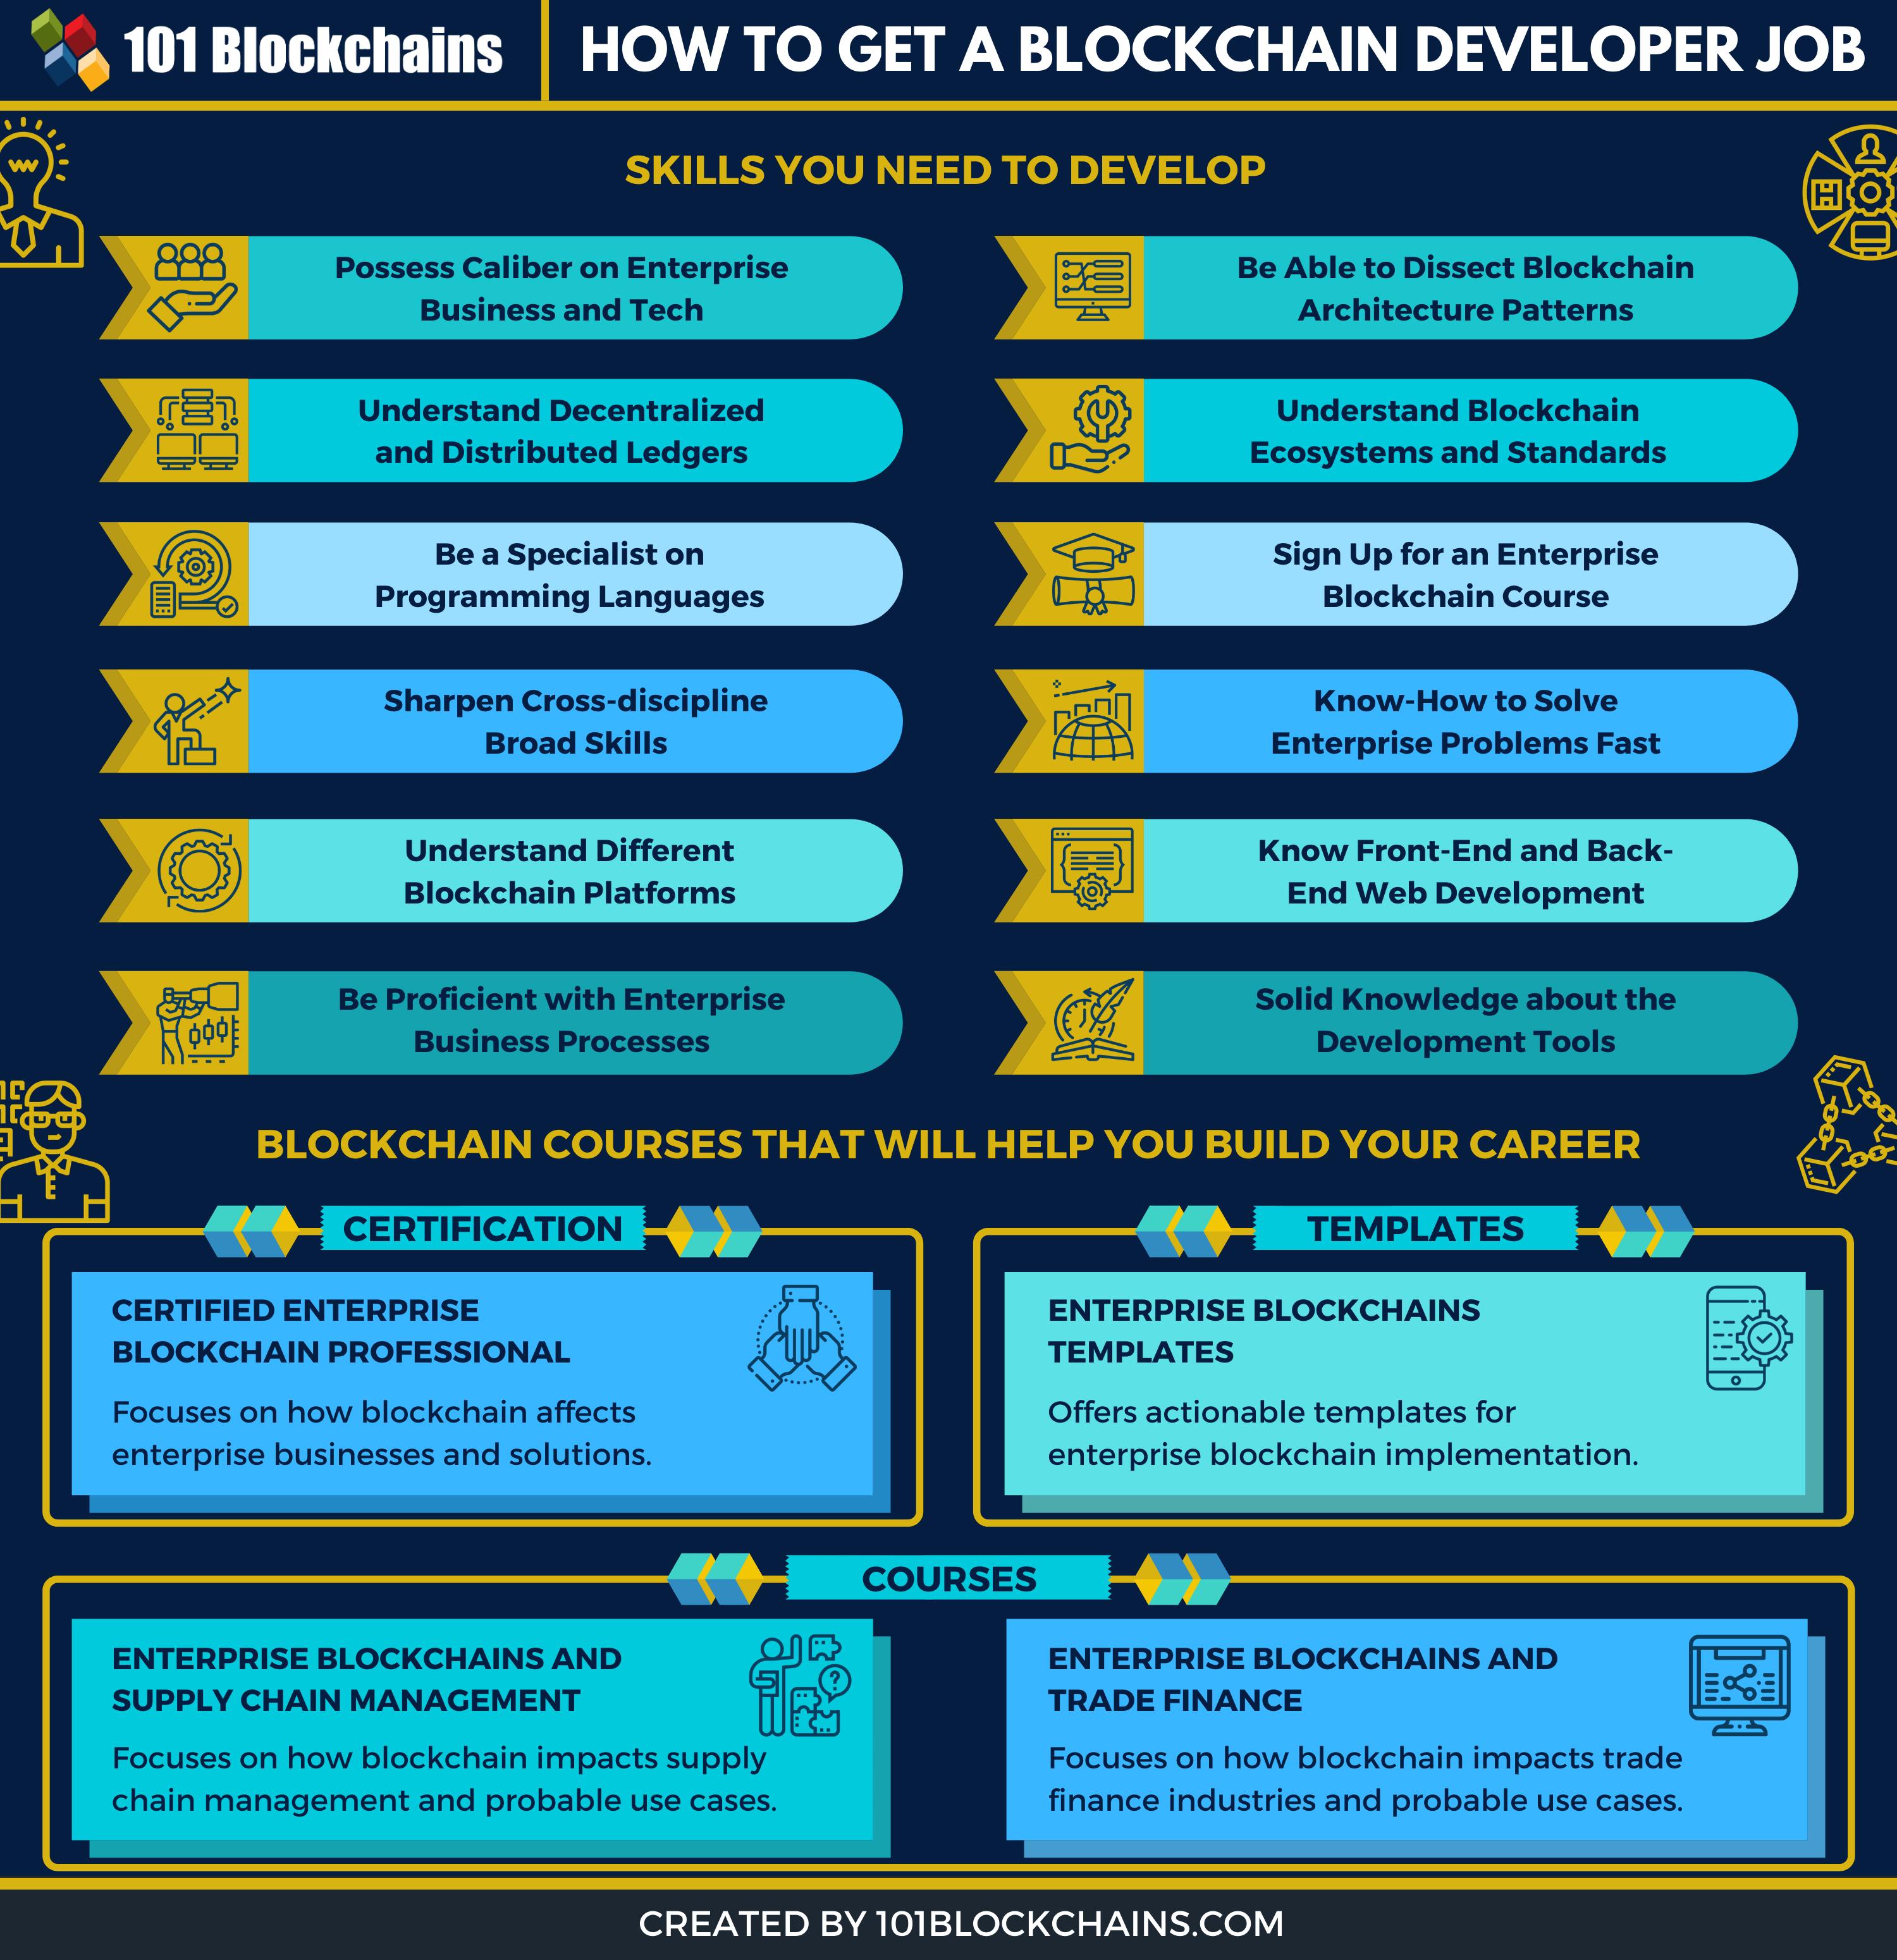 Blockchain Developer Job